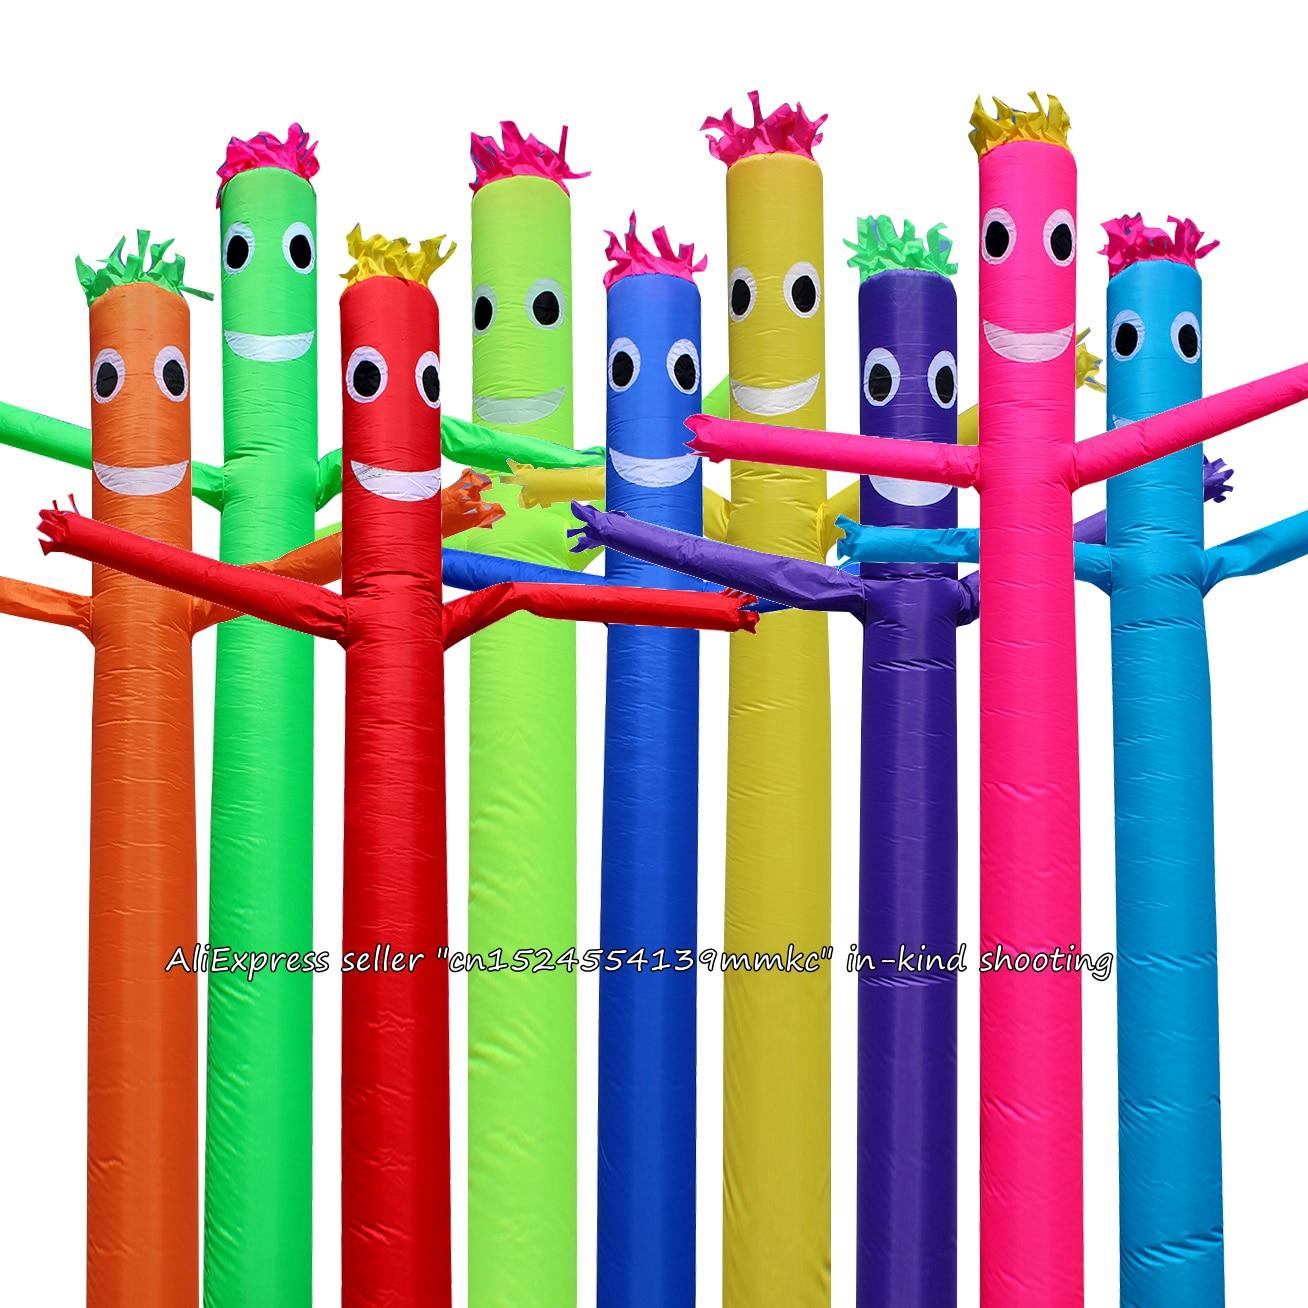 10ft 12 pouces Air Danseur Ciel Danseur Gonflable Tube De Danse Marionnette Vent Volant Promotionnel Commercial Gonflable Videurs